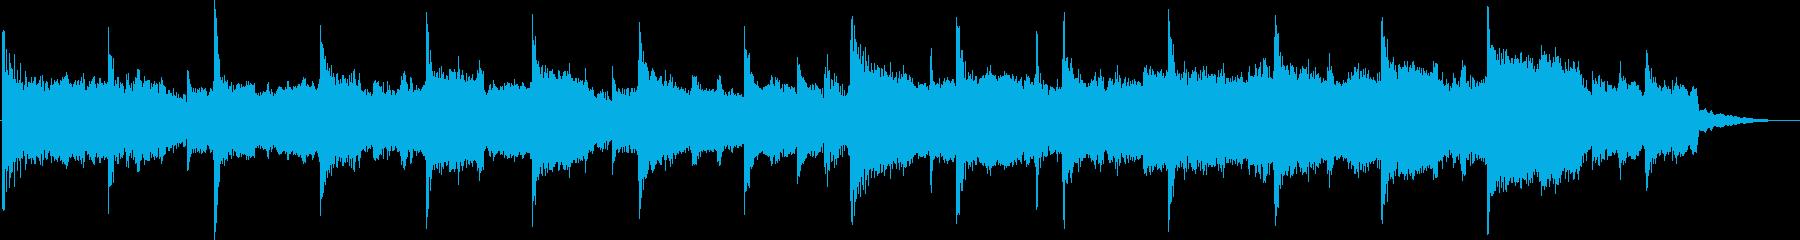 悲しく切ないバラードジングルの再生済みの波形